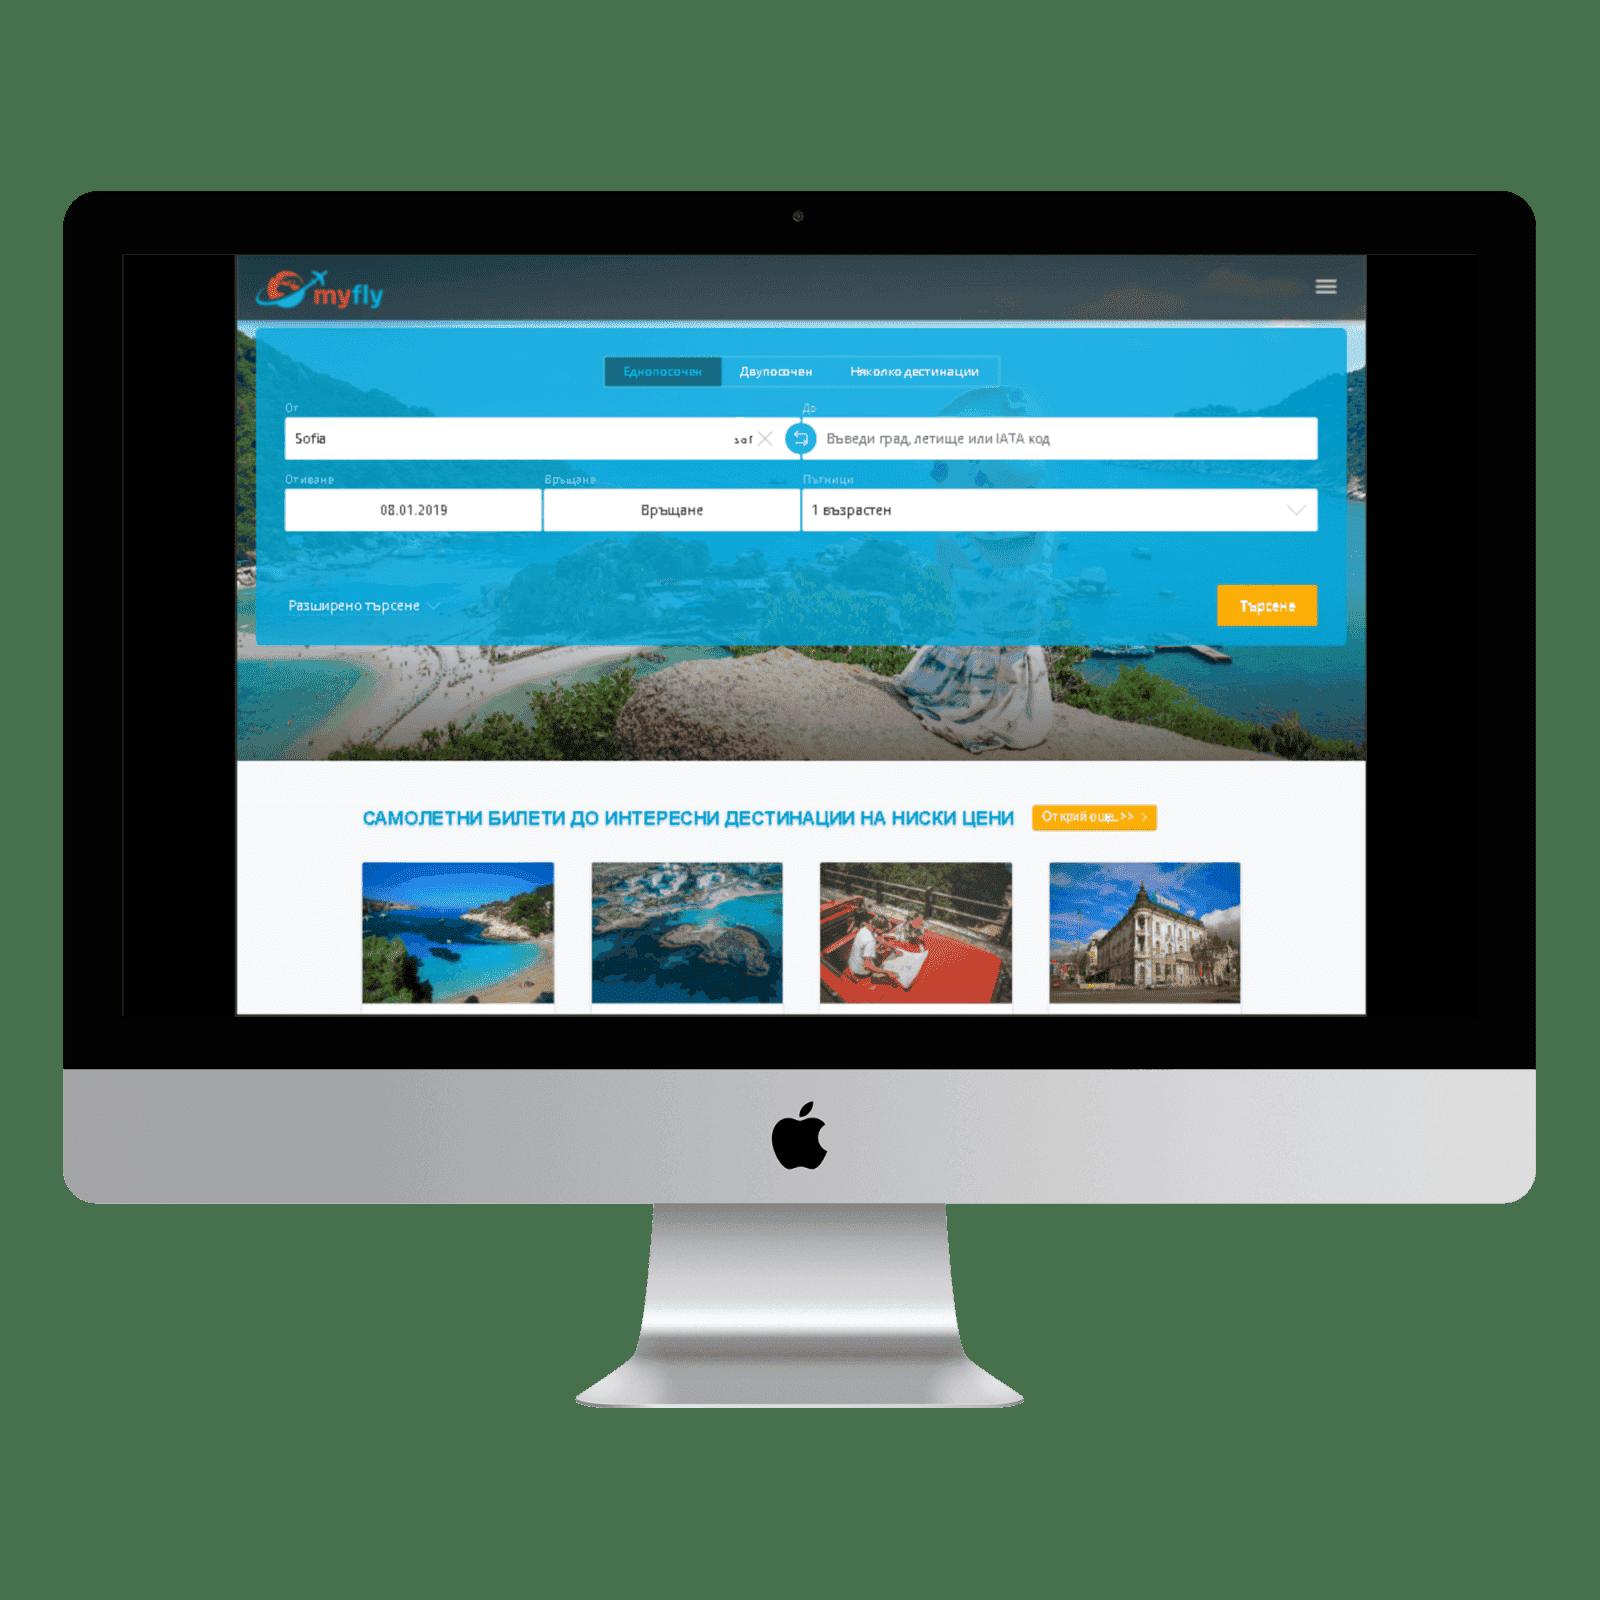 imac2015 front - Какво е онлайн чекиране (online check-in)